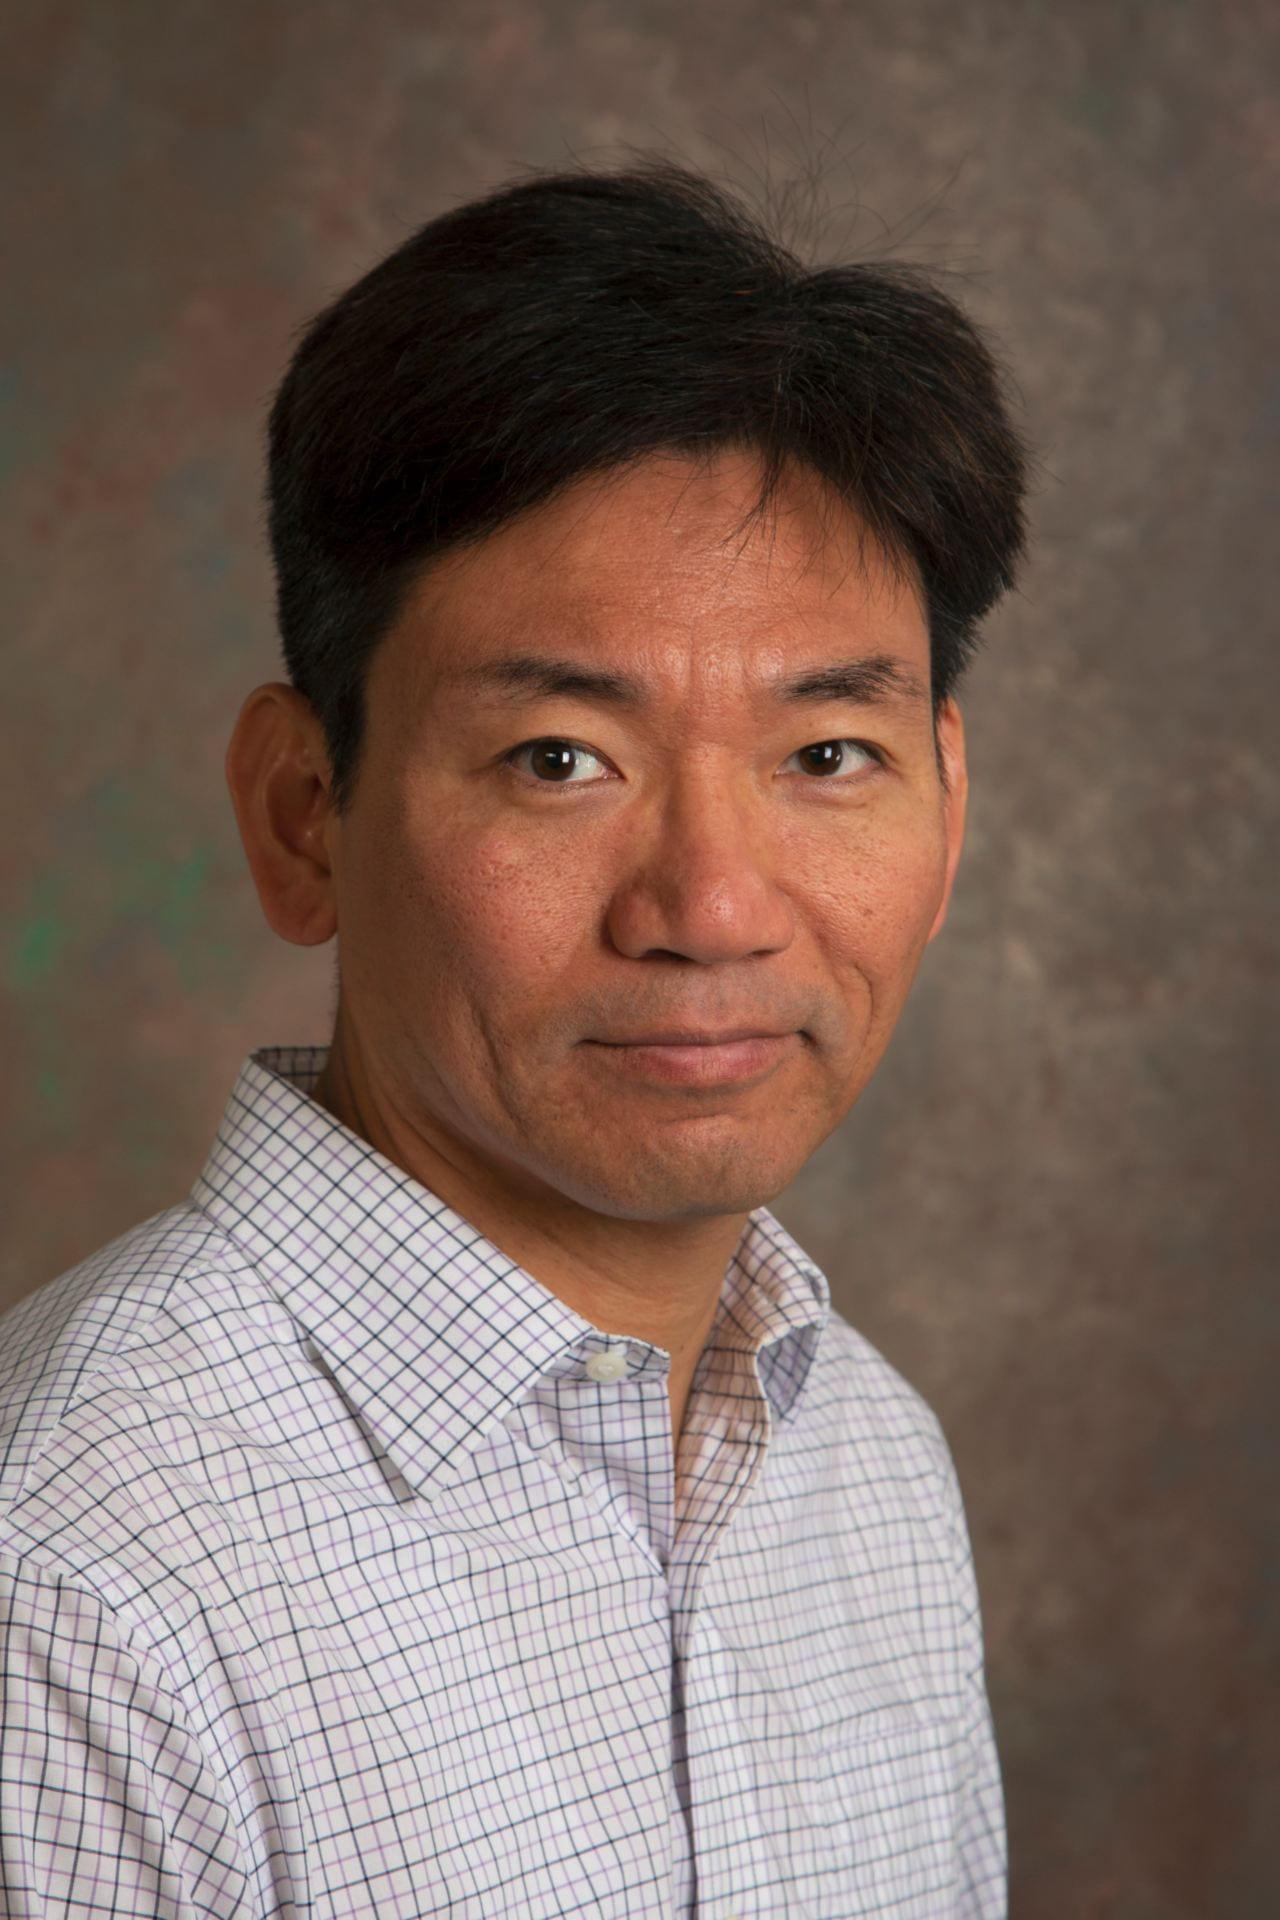 Seong Jang